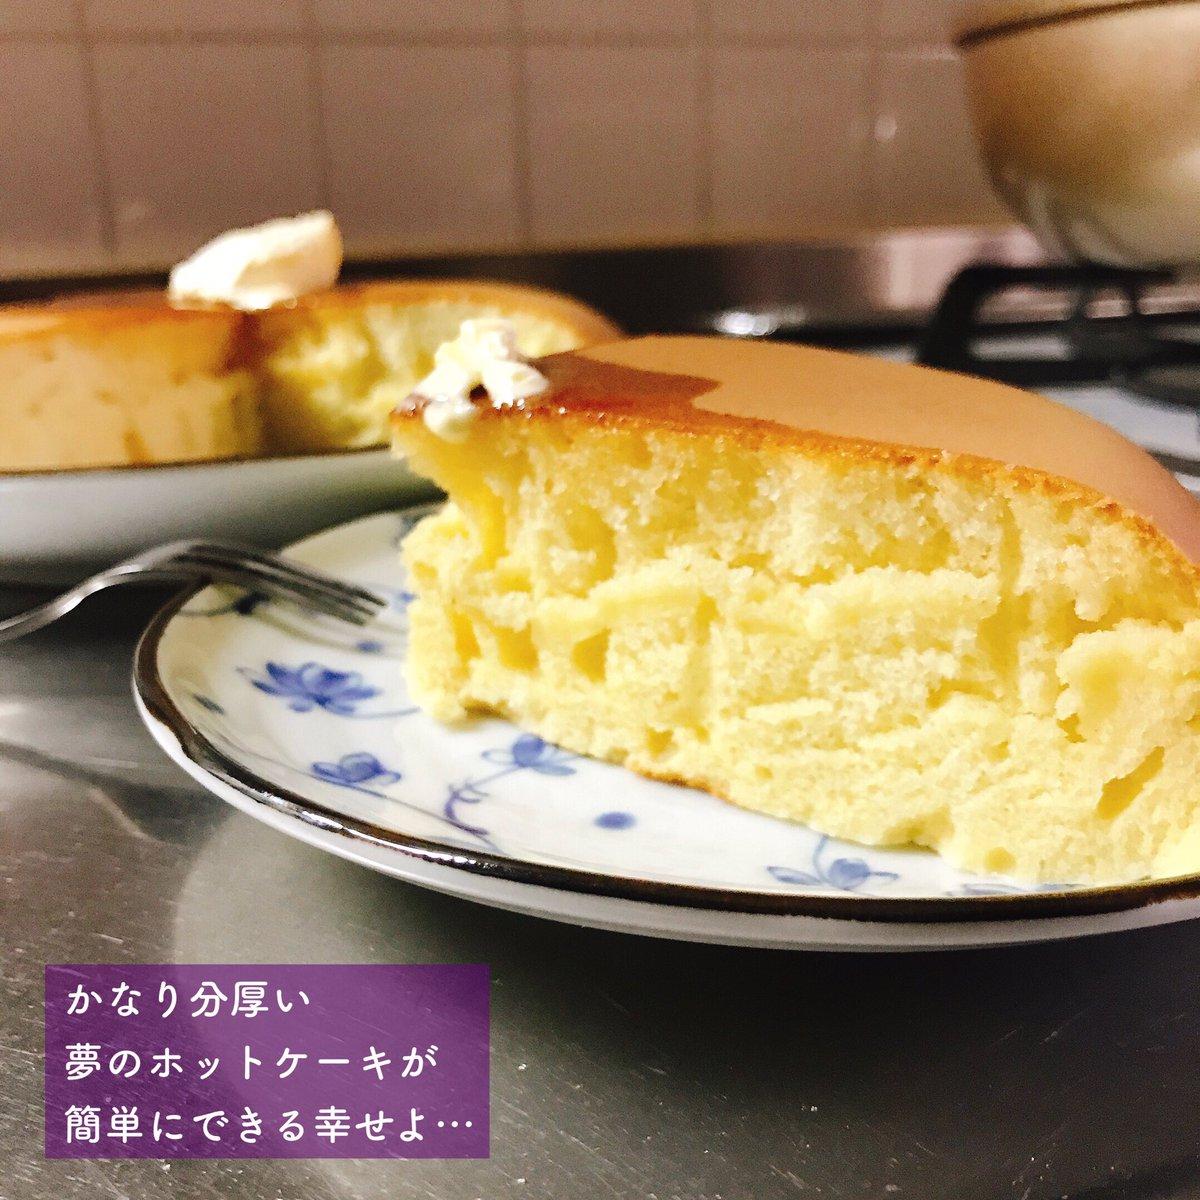 夢にまで見たアレが作れる!?分厚いホットケーキが作れるミックス粉!